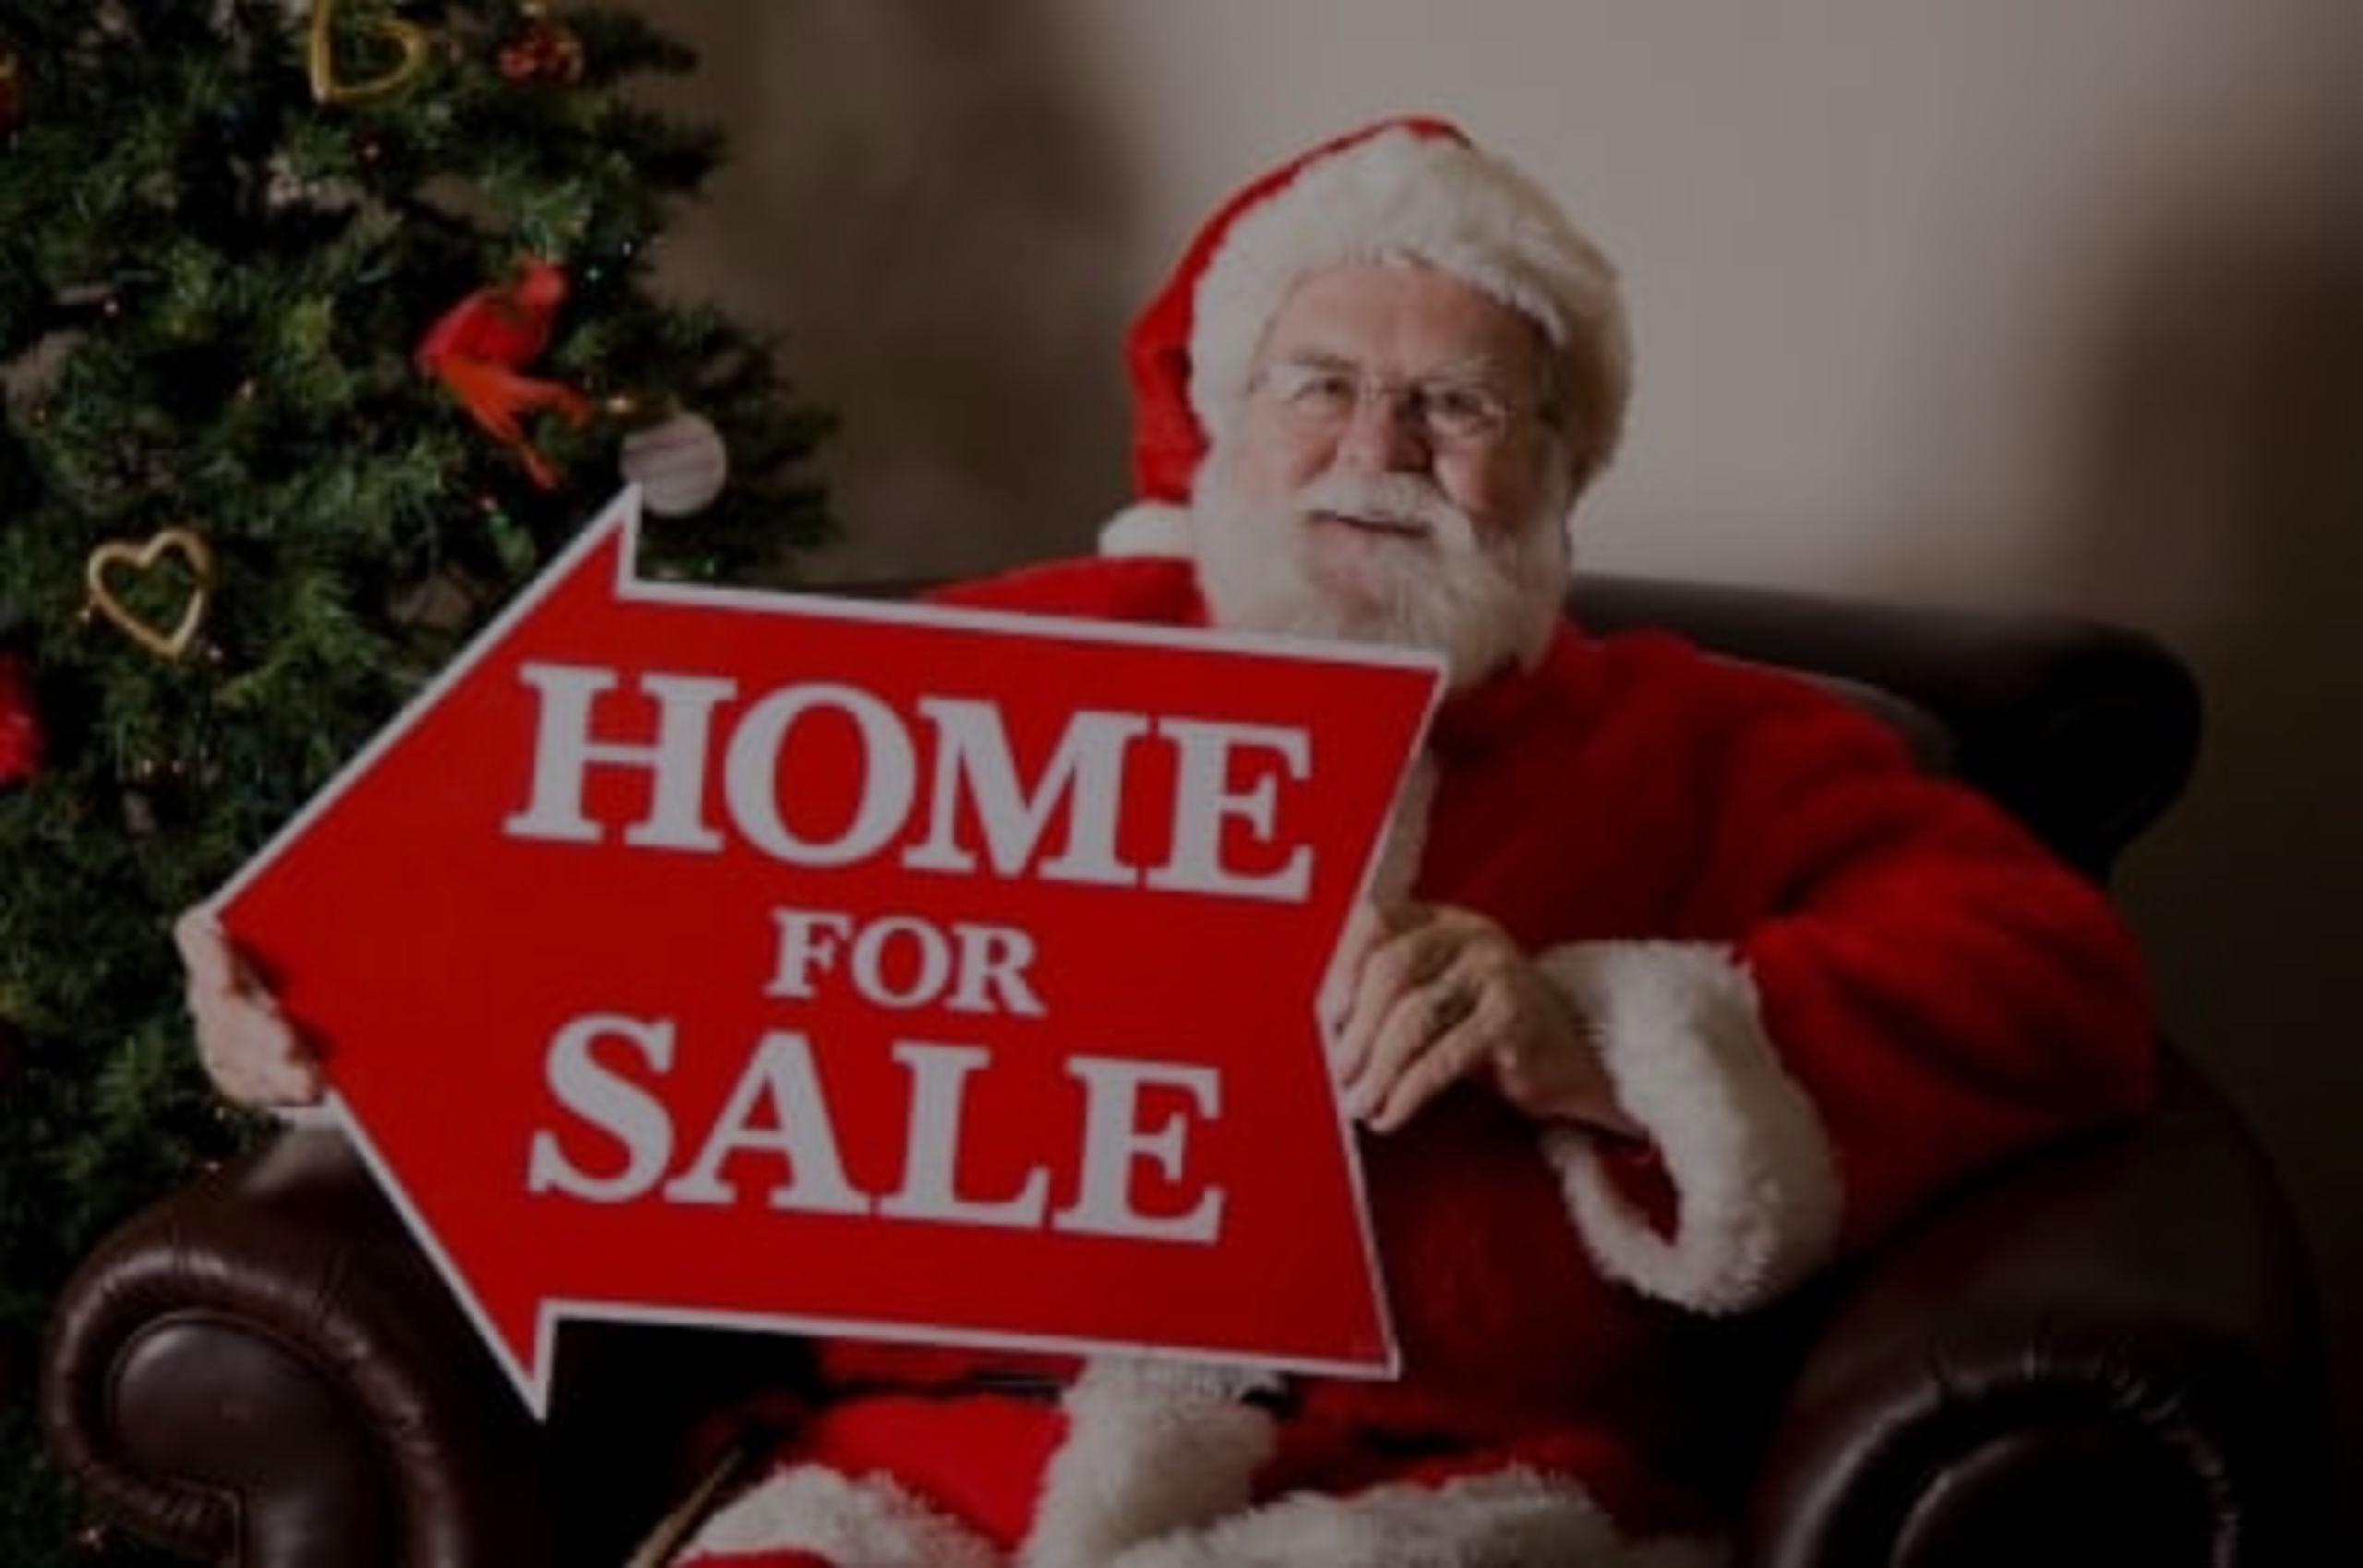 Your Weichert Sales Associate understands